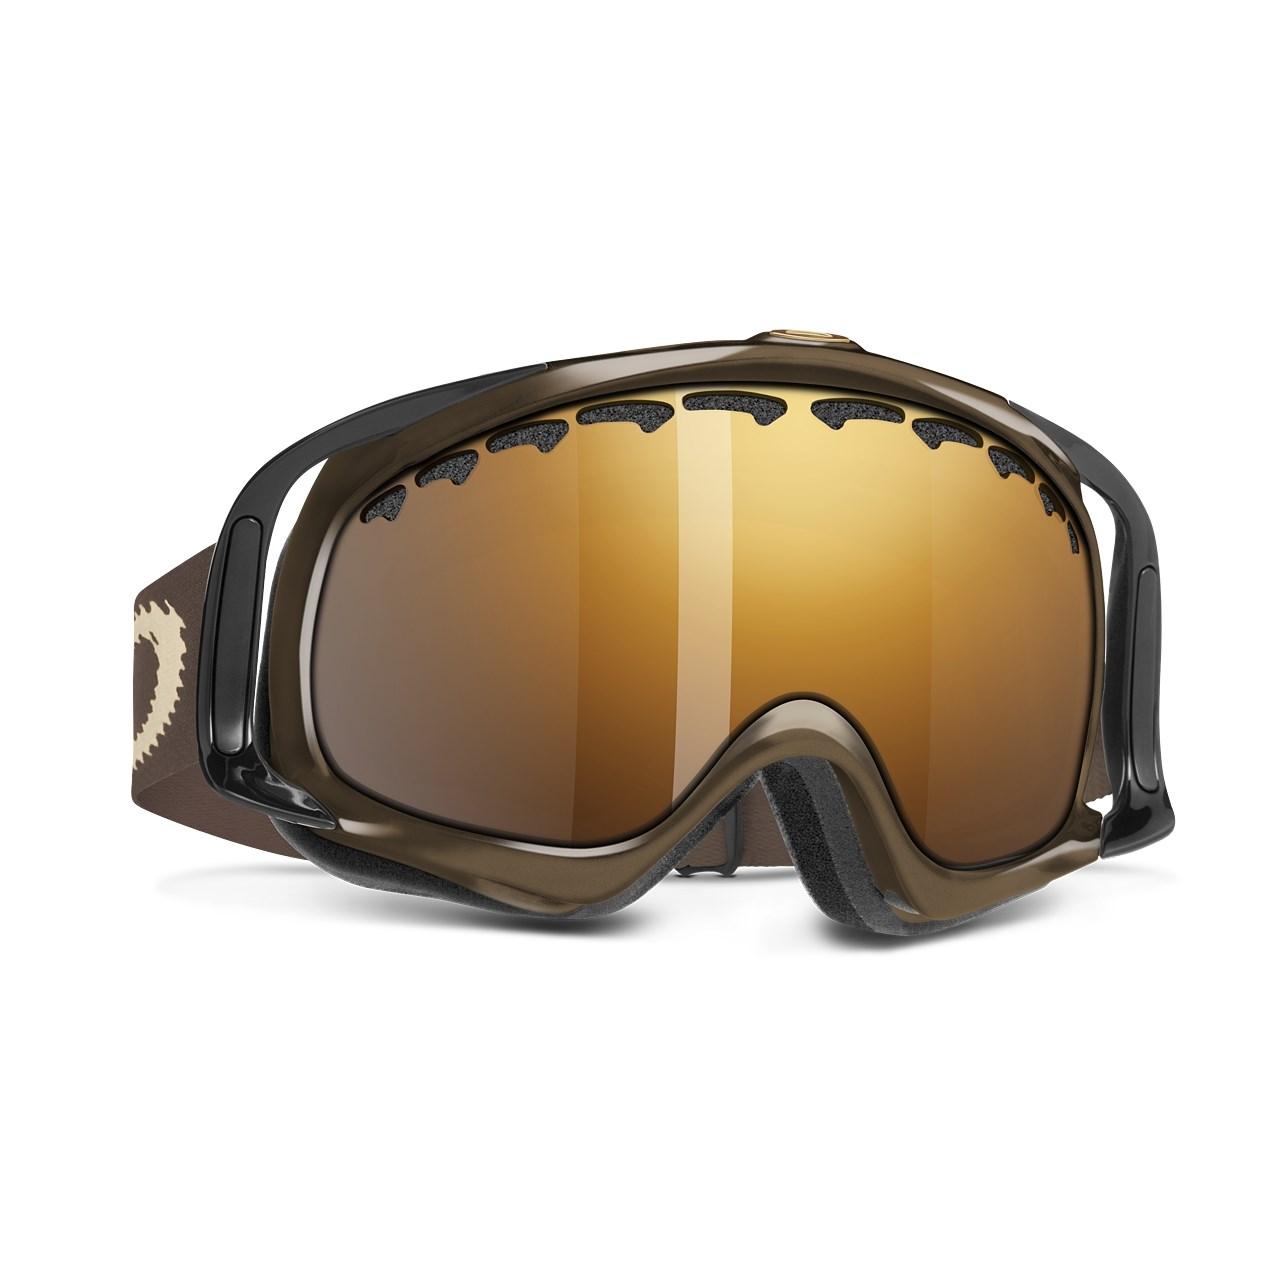 zzuly oakley sunglasses contact buy oakley sunglasses online used oakley